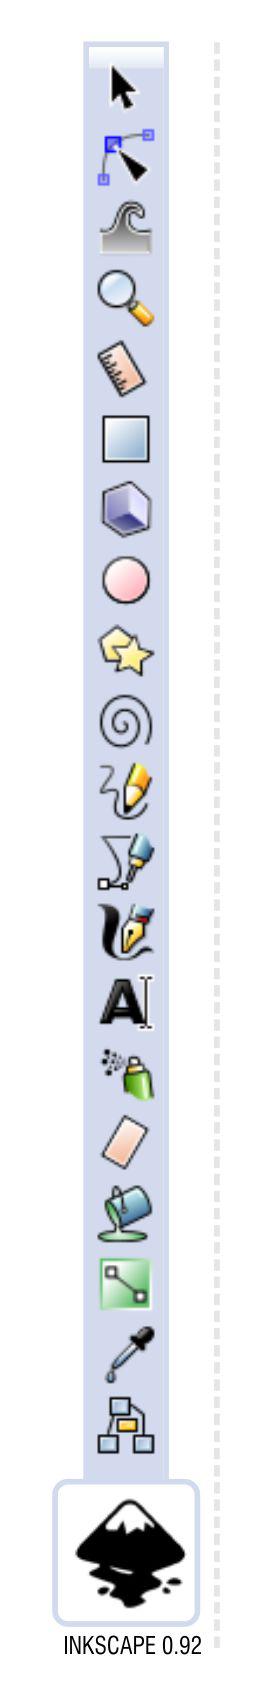 2Dgameartguru Affinity Designer toolbar